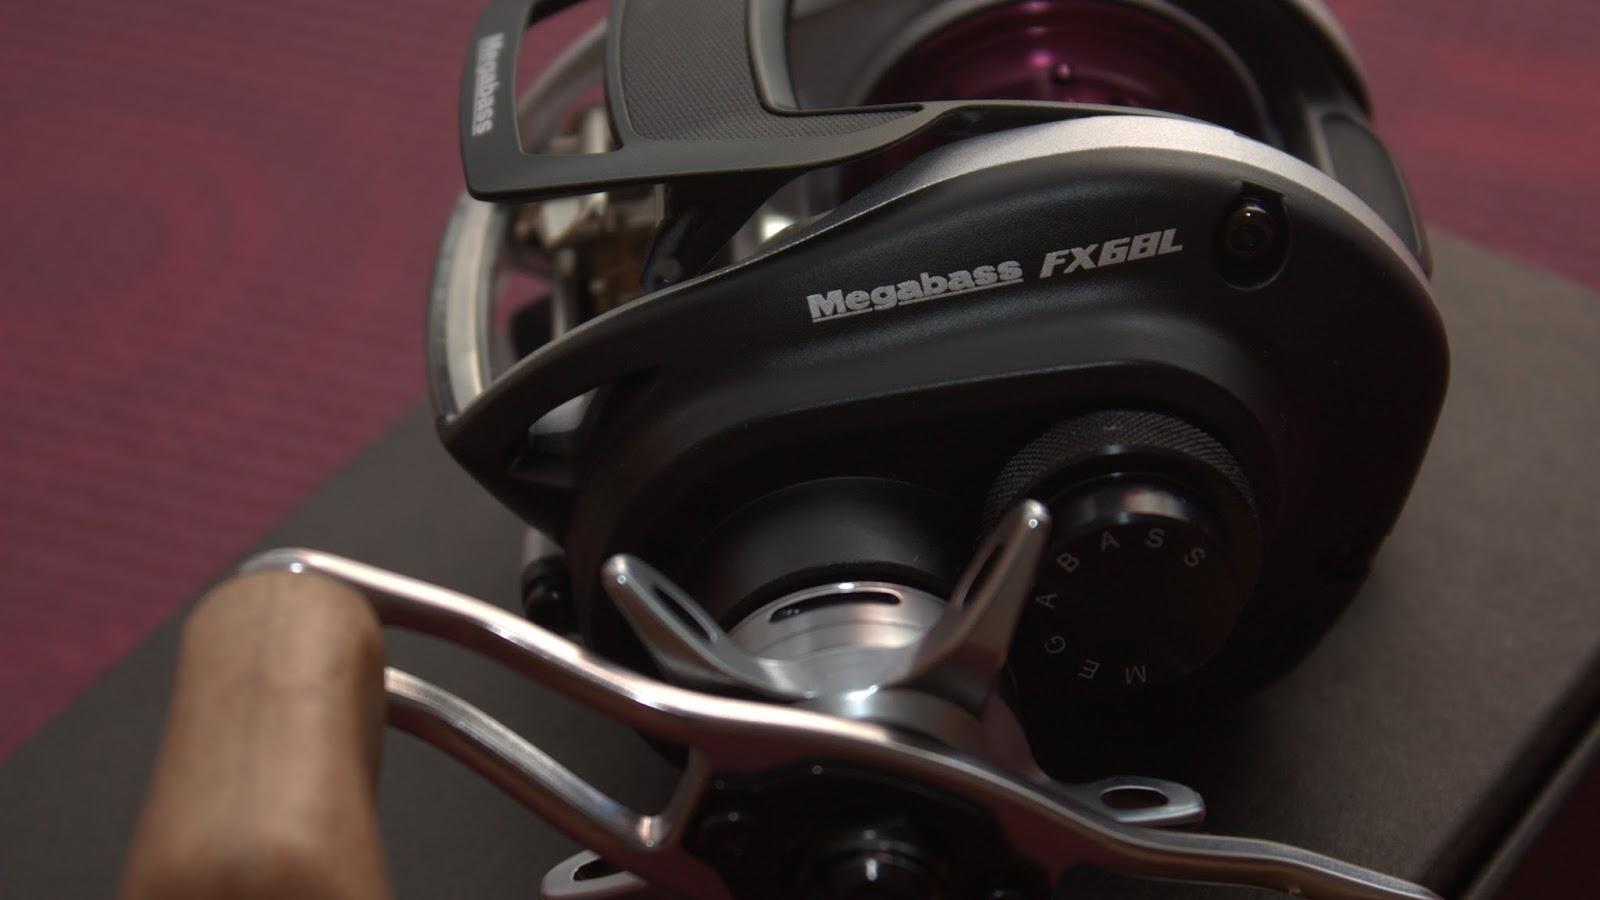 Tigris Tackle: Megabass FX68L